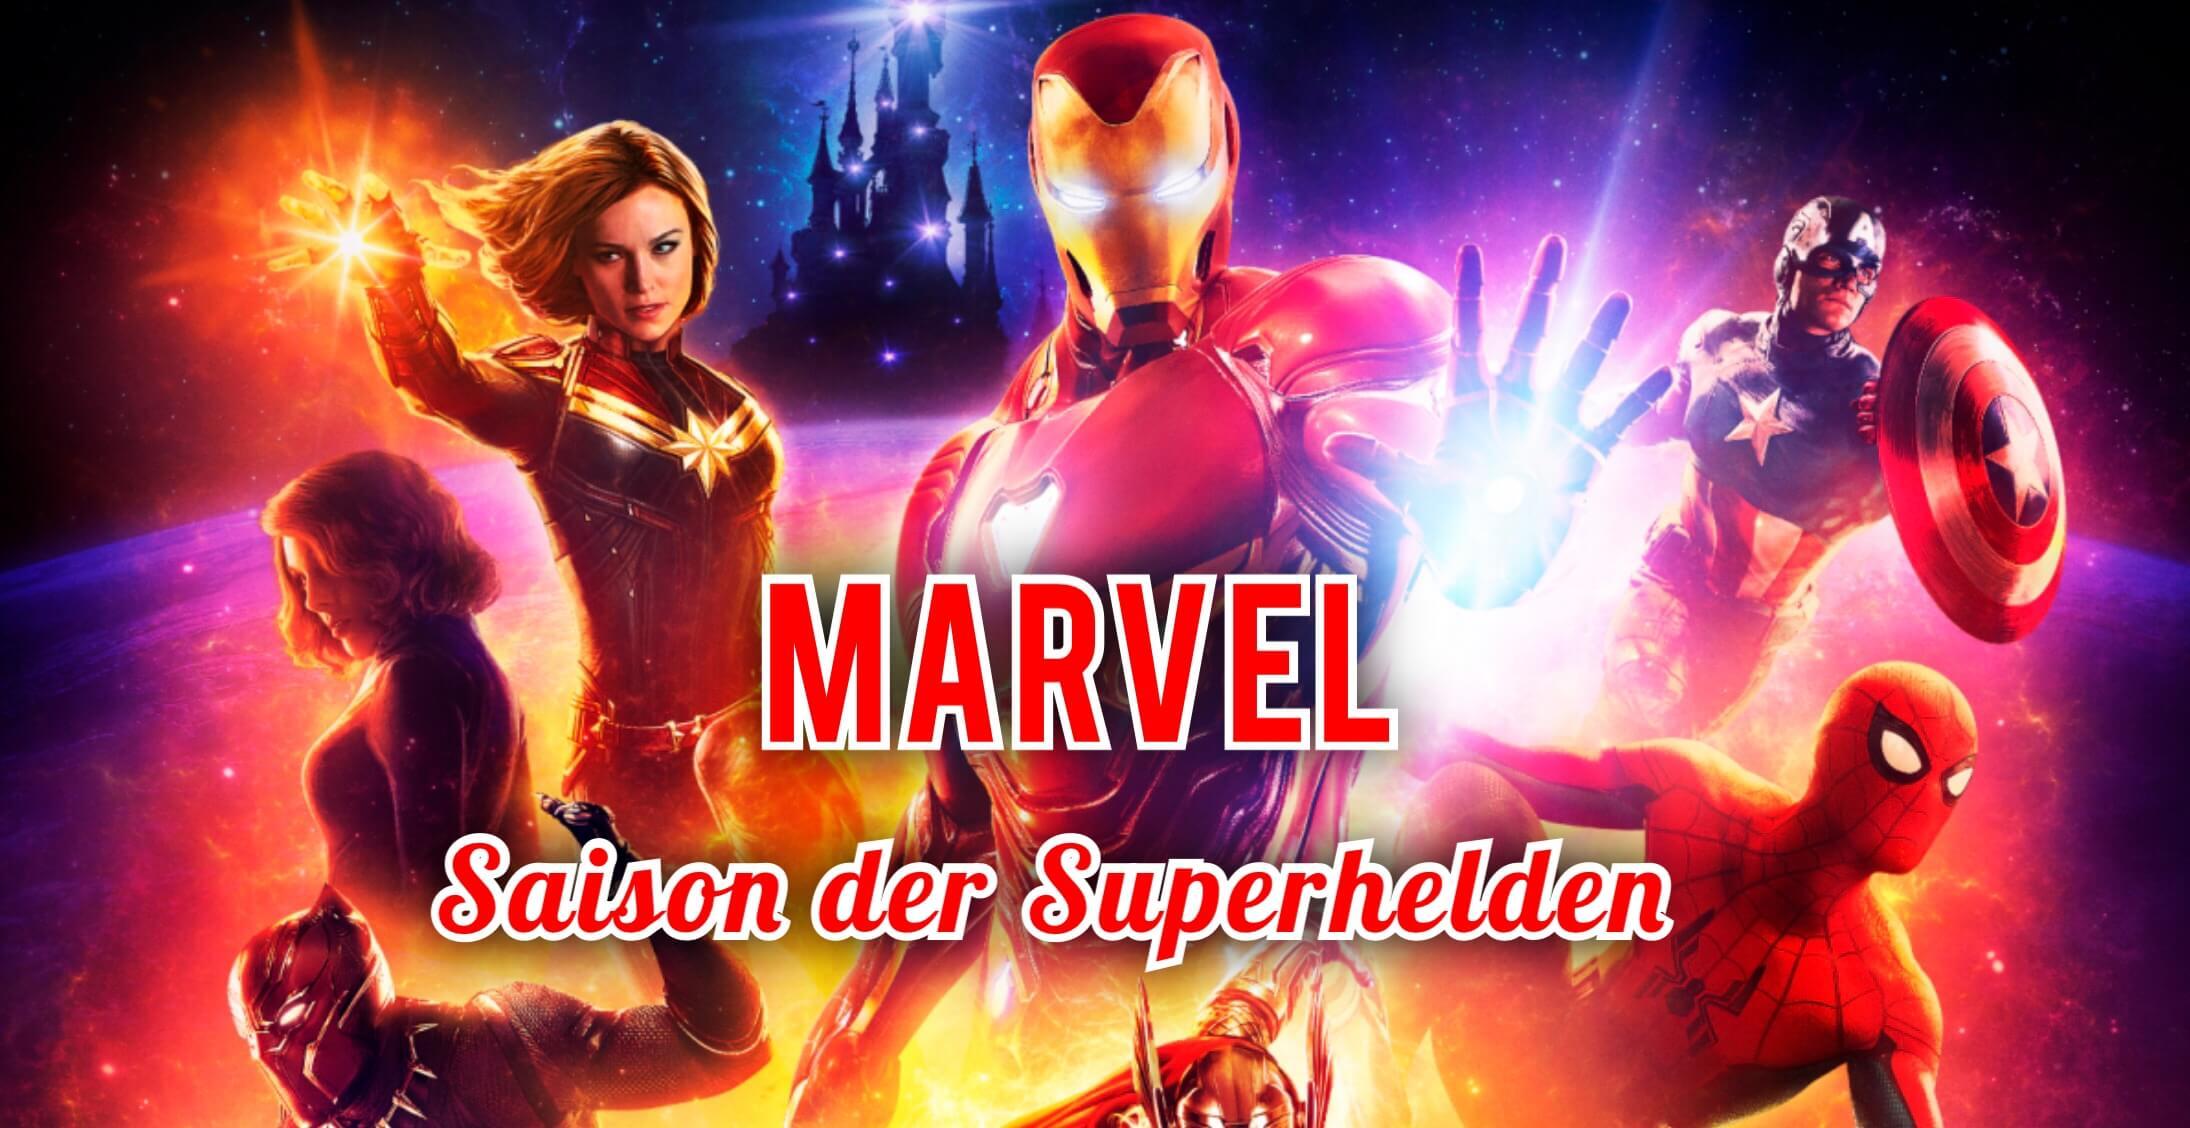 Marvel Superhelden mit Disney Schloss im Hintergrund